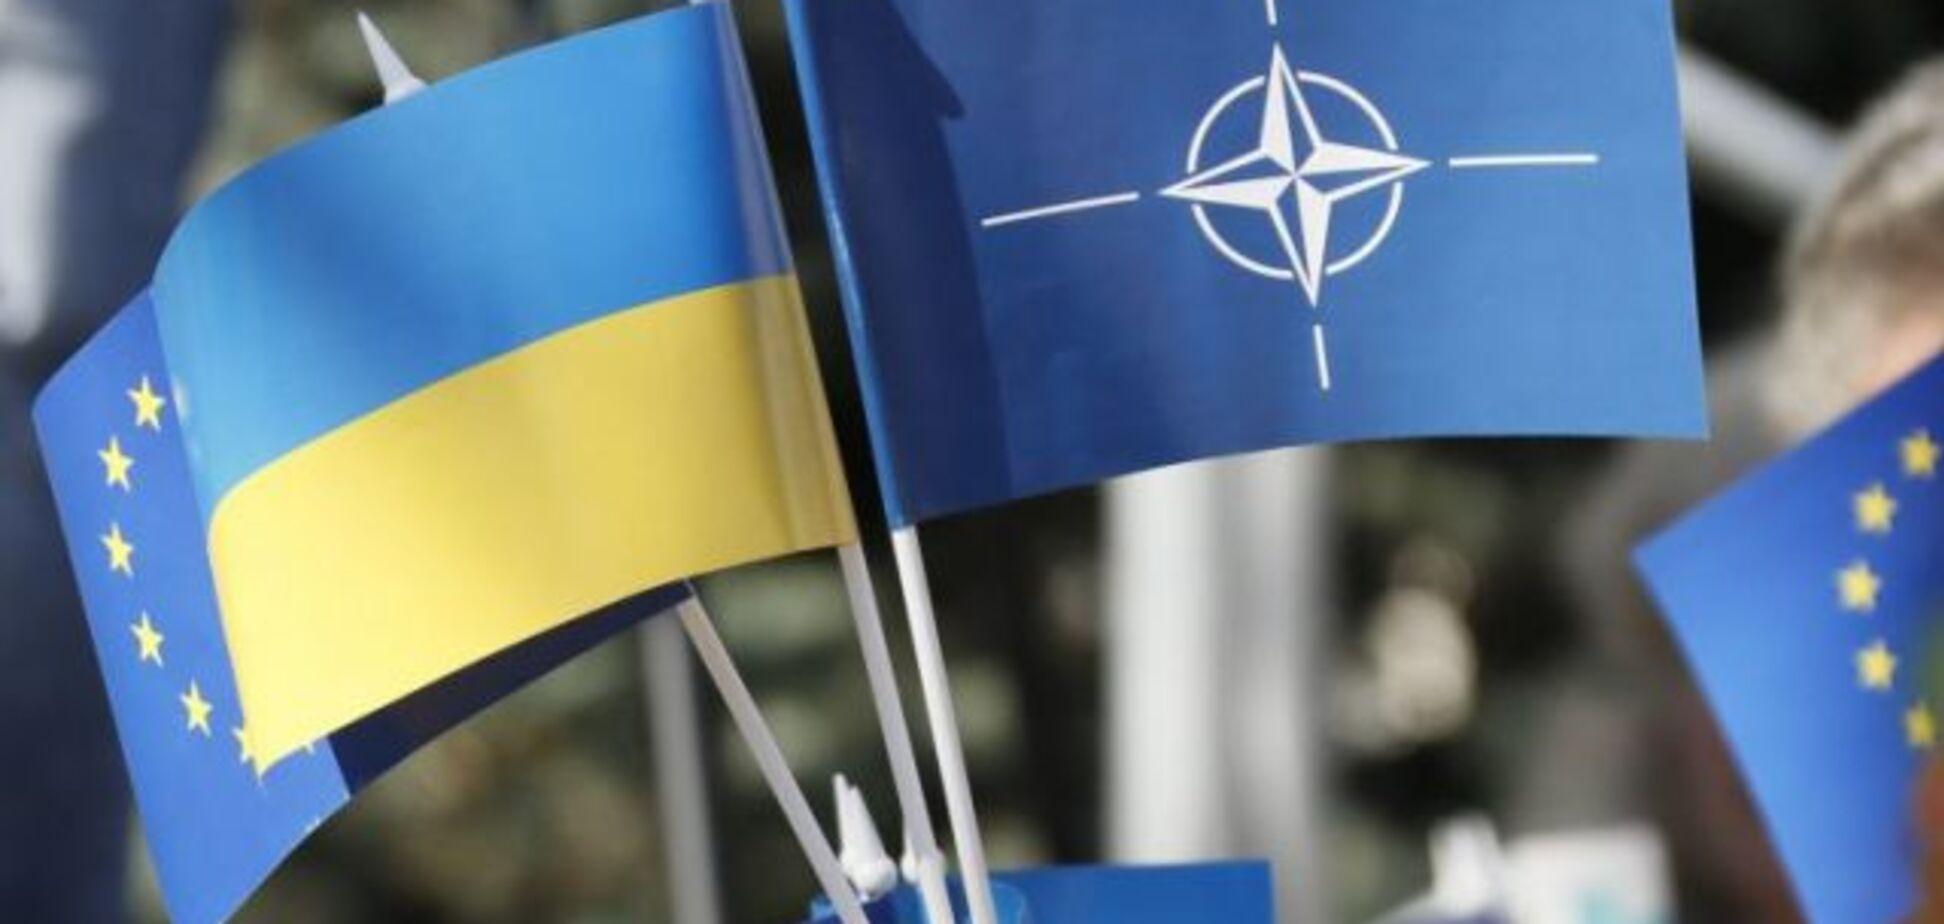 'ЄС і НАТО - кінцева мета': президент пояснив, як Україна досягне вступу